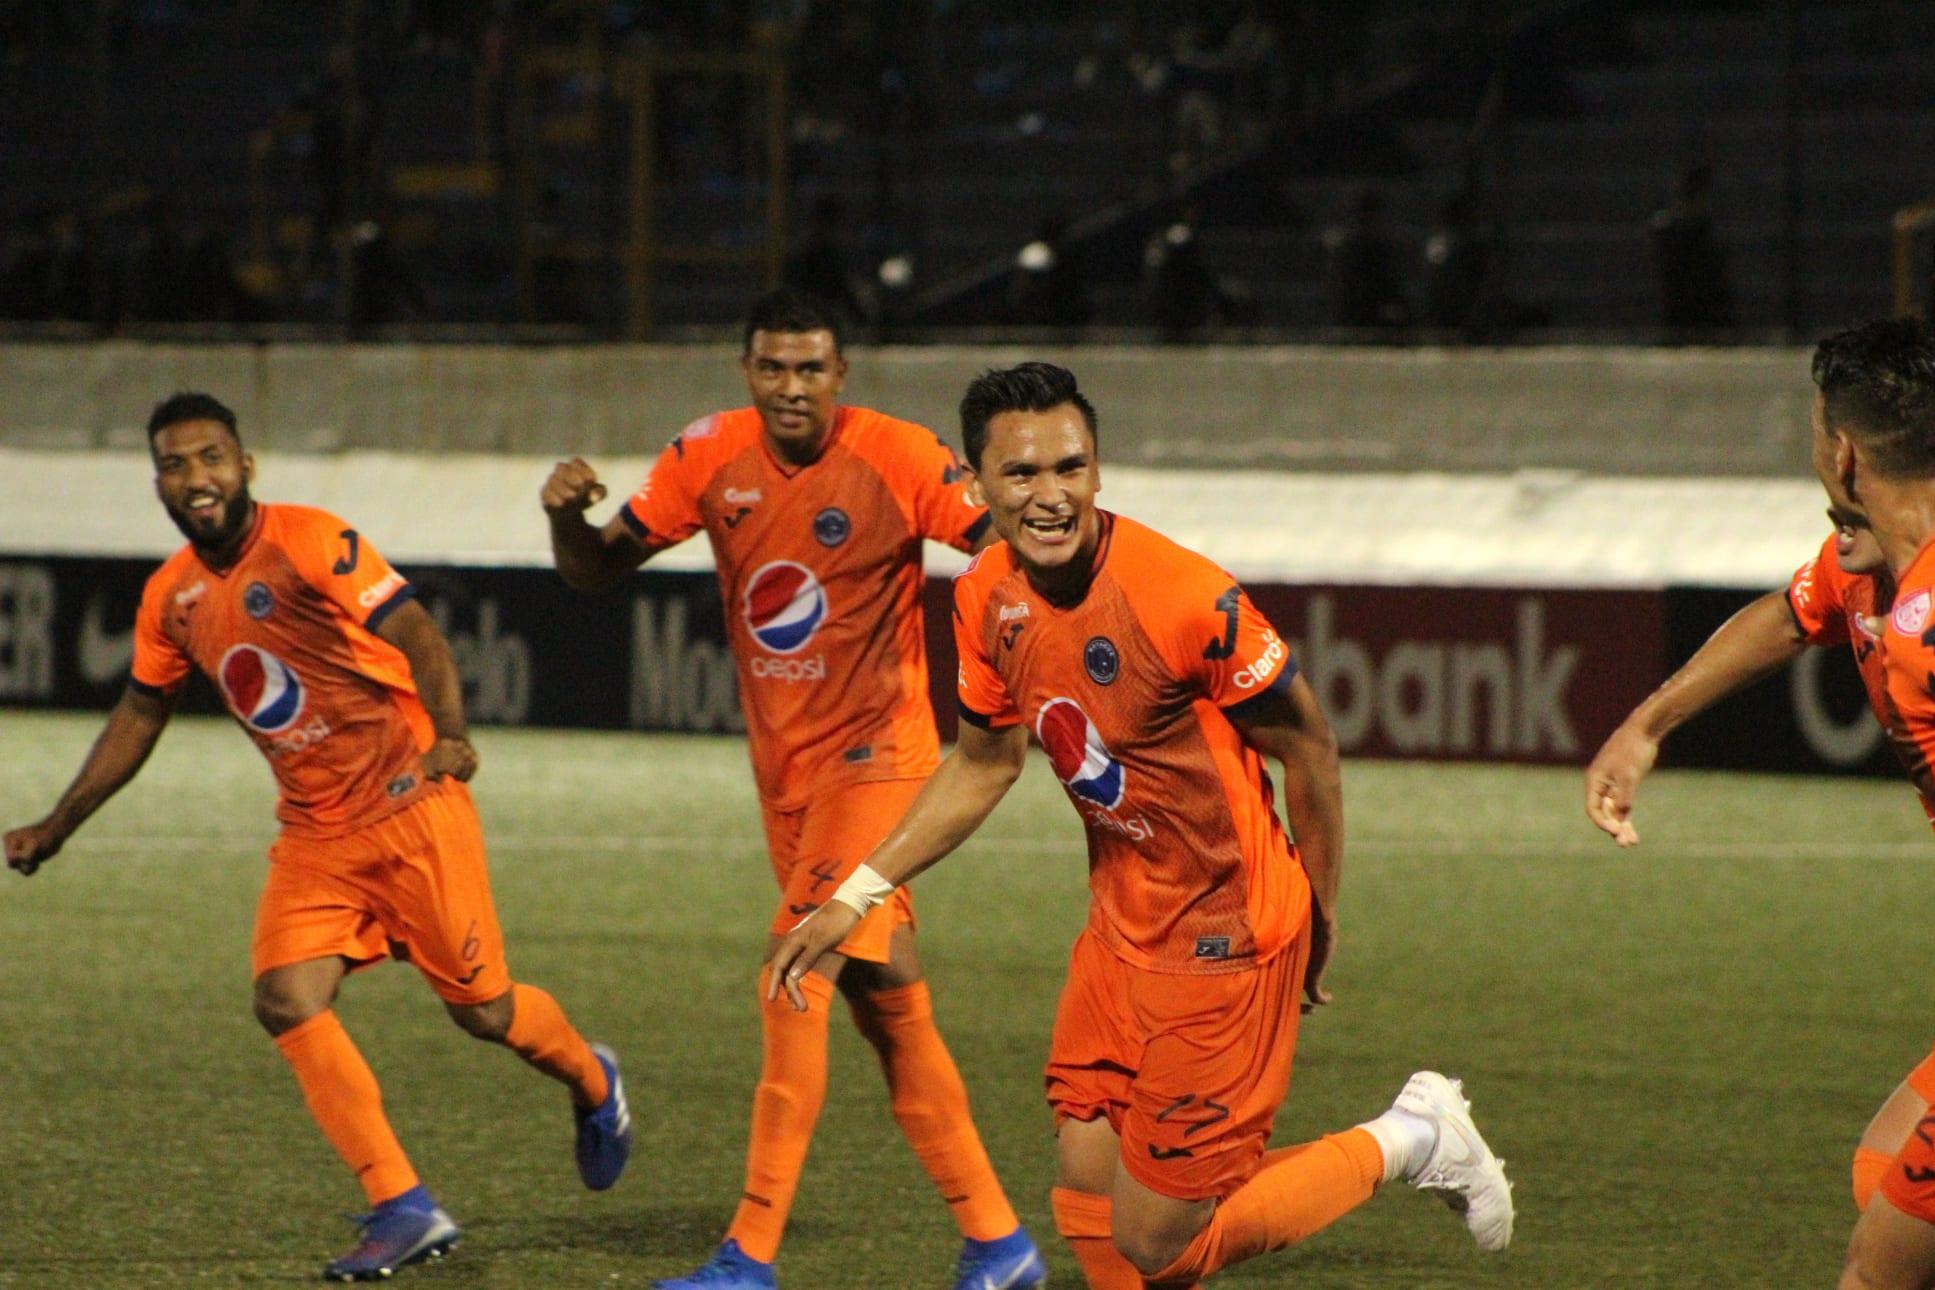 Χοσέ 8/4 Στοίχημα:Παίζουμε γκολ στην Νικαράγουα